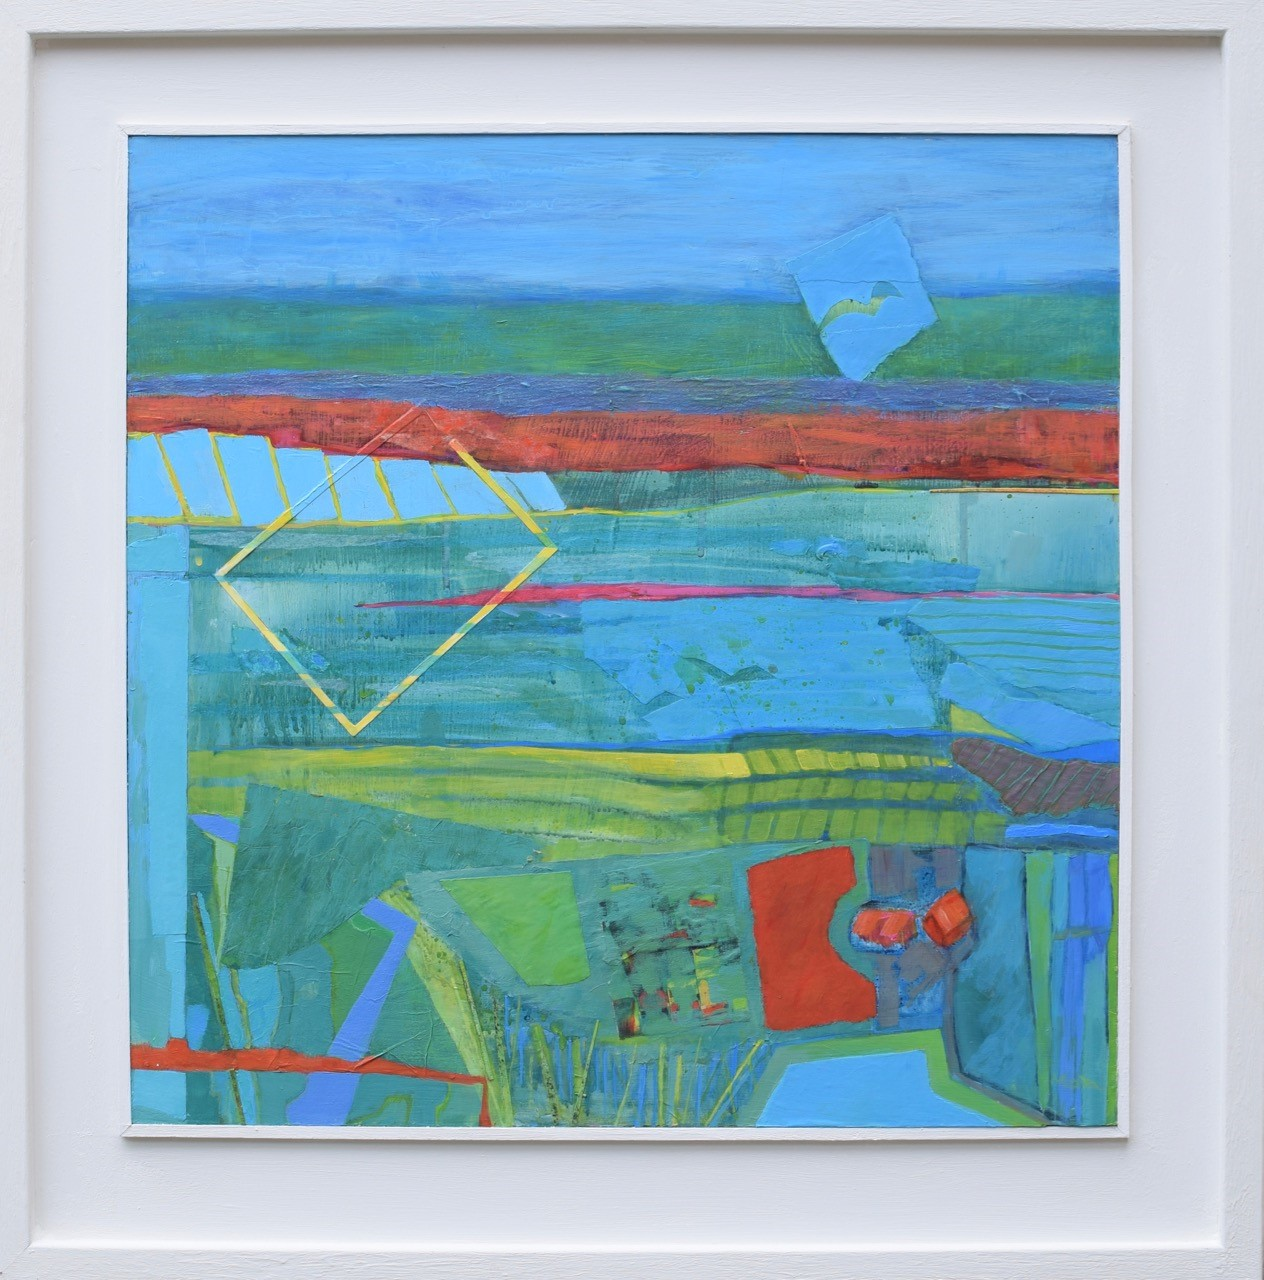 Poppy Field  Mixed media  51 x 51 cm framed  £550